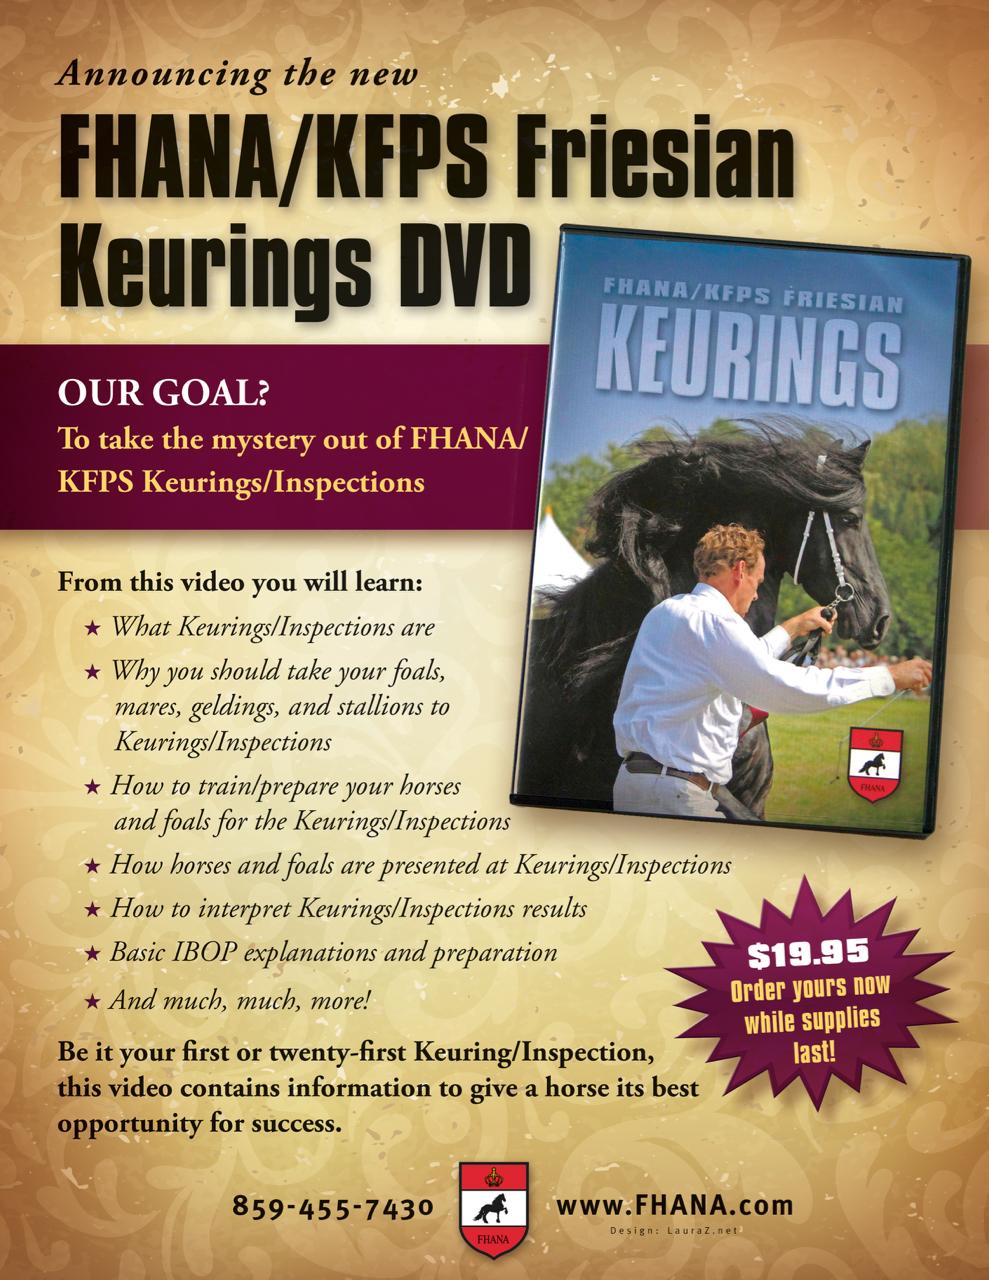 Keuring DVD FP ad3.jpg